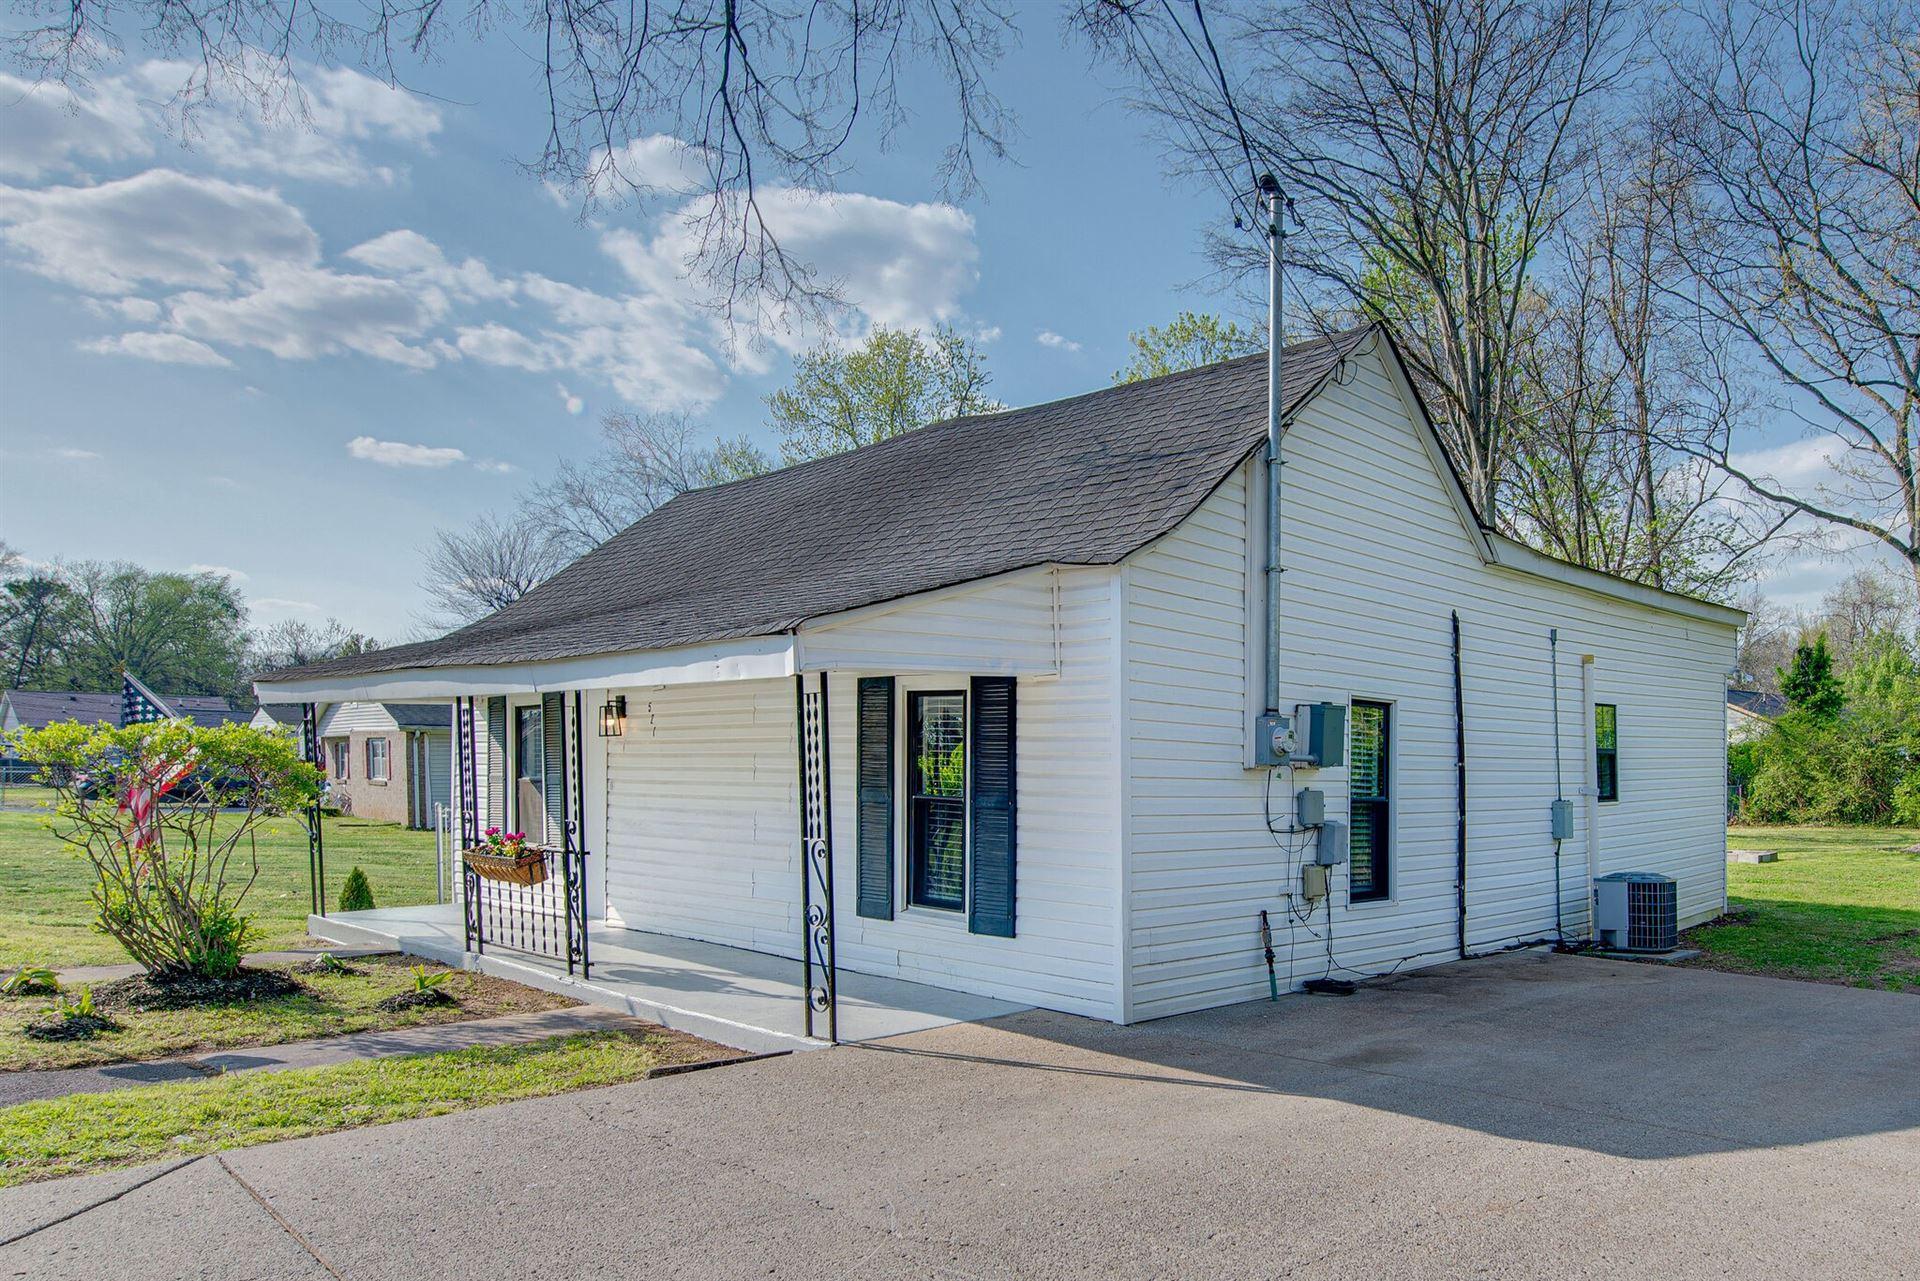 Photo of 521 Reid Ave, Murfreesboro, TN 37130 (MLS # 2242514)